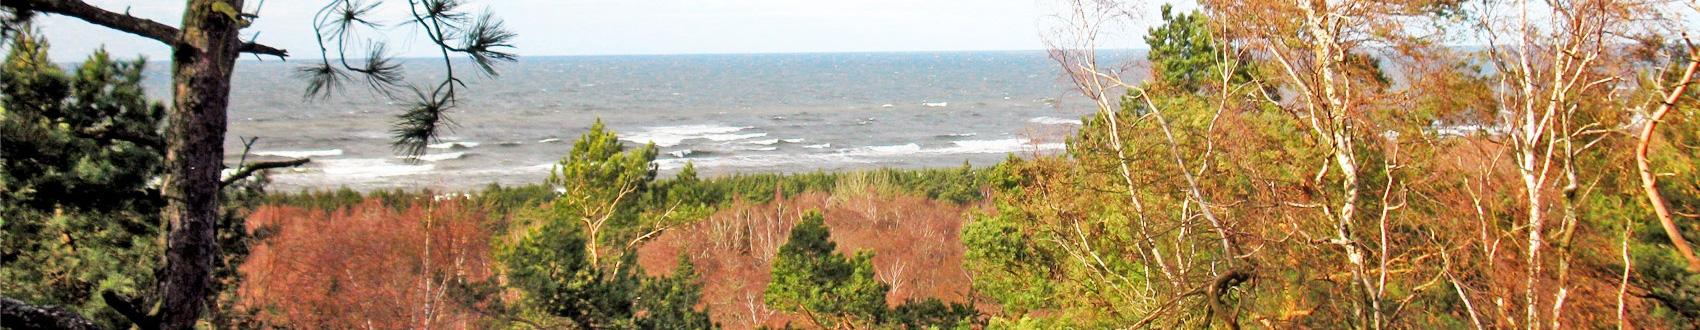 REJSY TURYSTYCZNE - Czartery Jachtów i Rejsy Morskie Last Minute Jachtem na Morzu ¦ródziemnym TUI | Geo-Sail